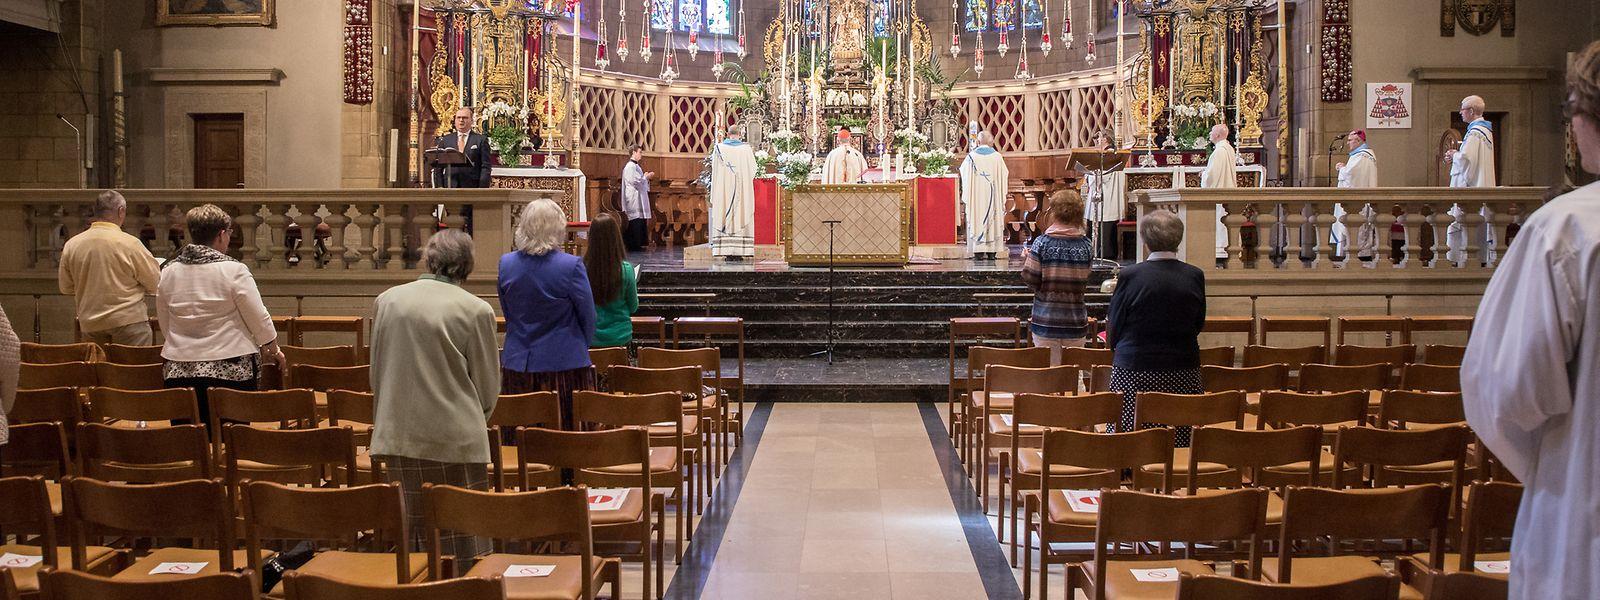 Dans la cathédrale de Luxembourg, certaines rangées sont condamnées en raison de la pandémie. Un modèle qui sera repris dans les églises sélectionnées pour les offices religieux aussitôt qu'ils pourront reprendre.